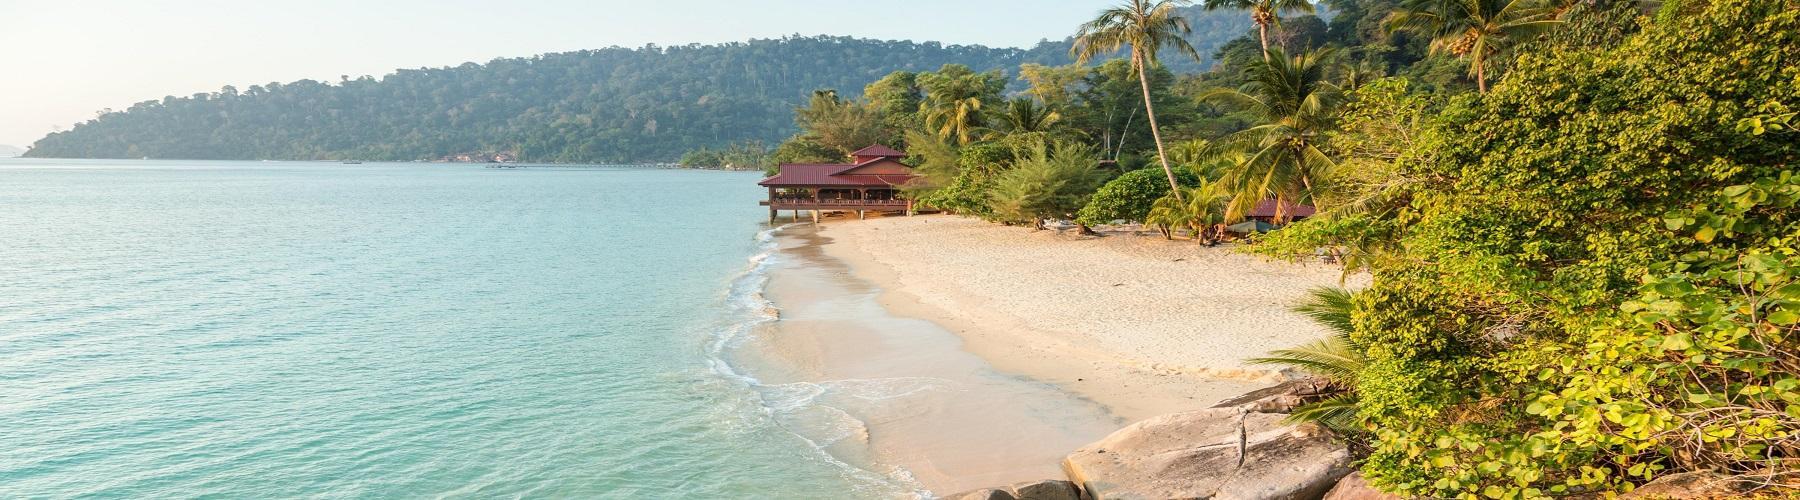 Путешествие на остров Лаянг-Лаянг